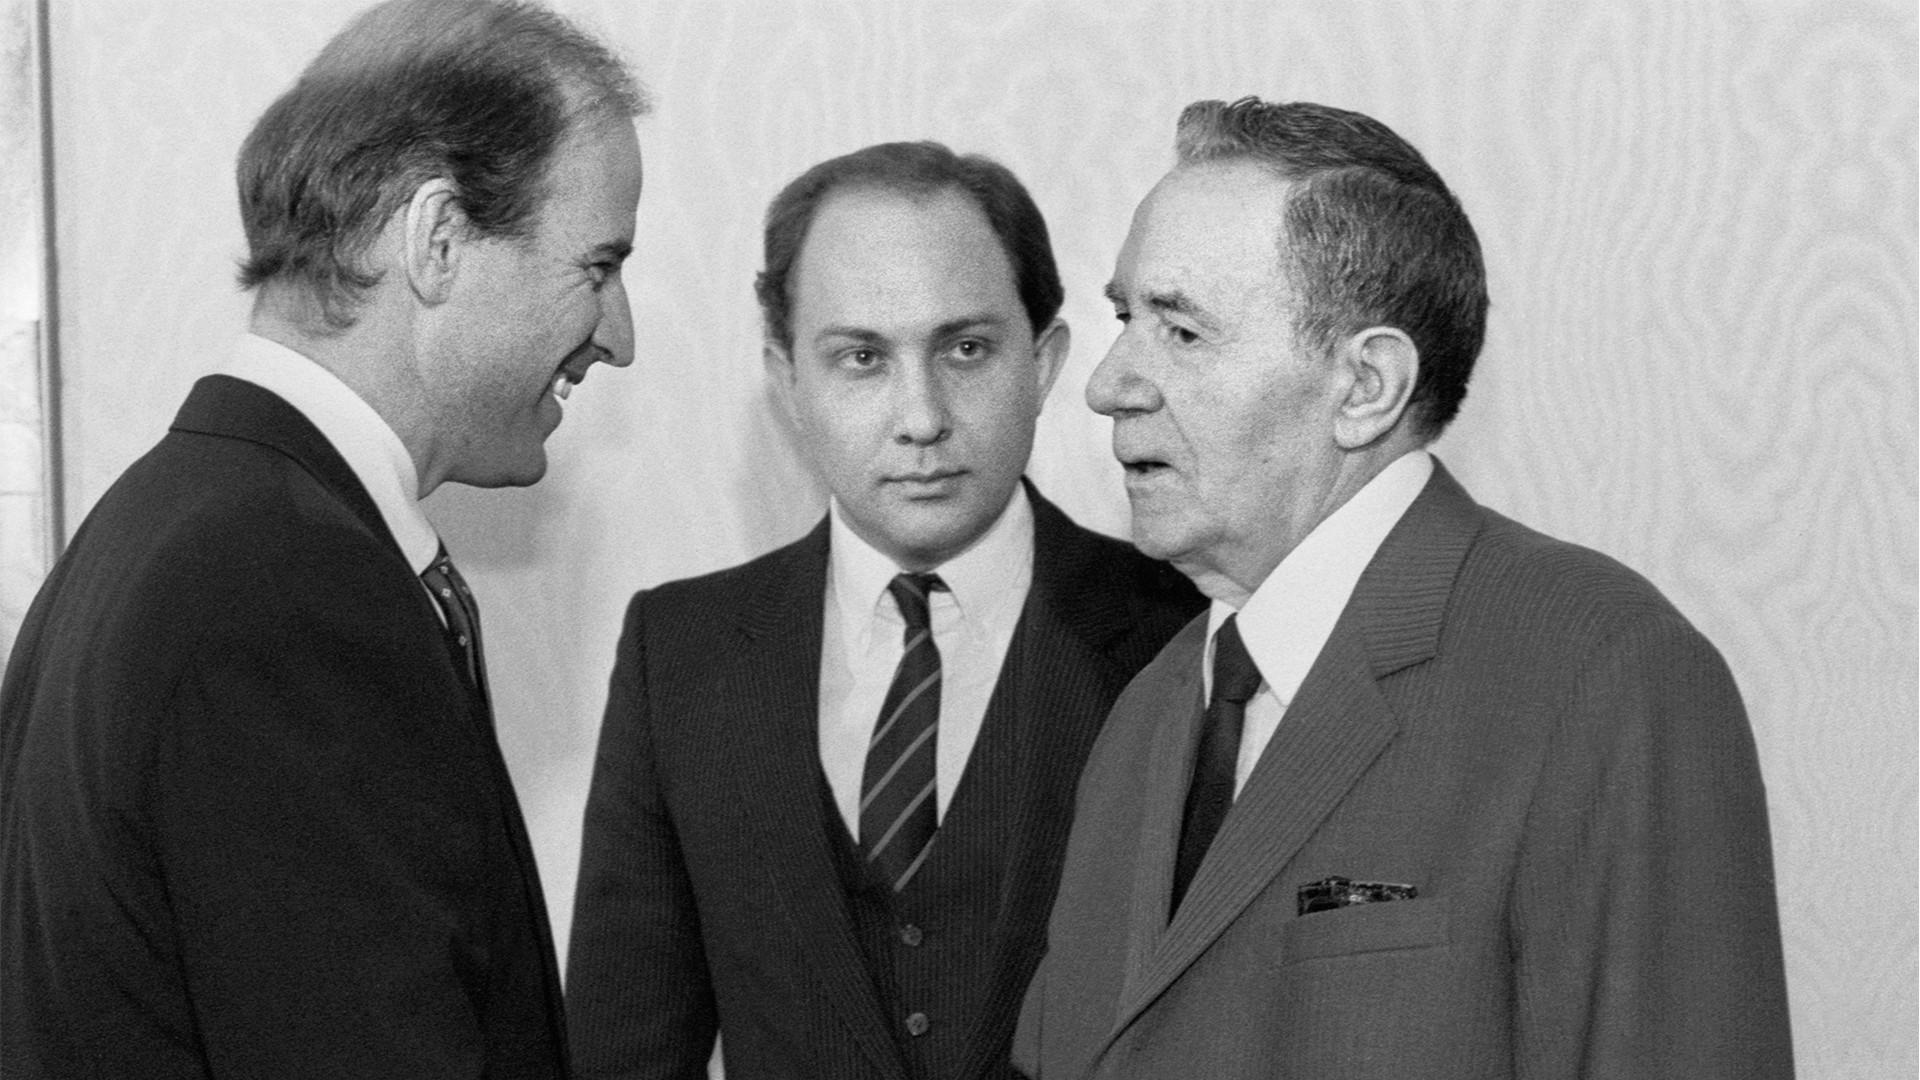 Joseph Biden, Victor Prokofiev, and Andrei Gromyko in 1988.